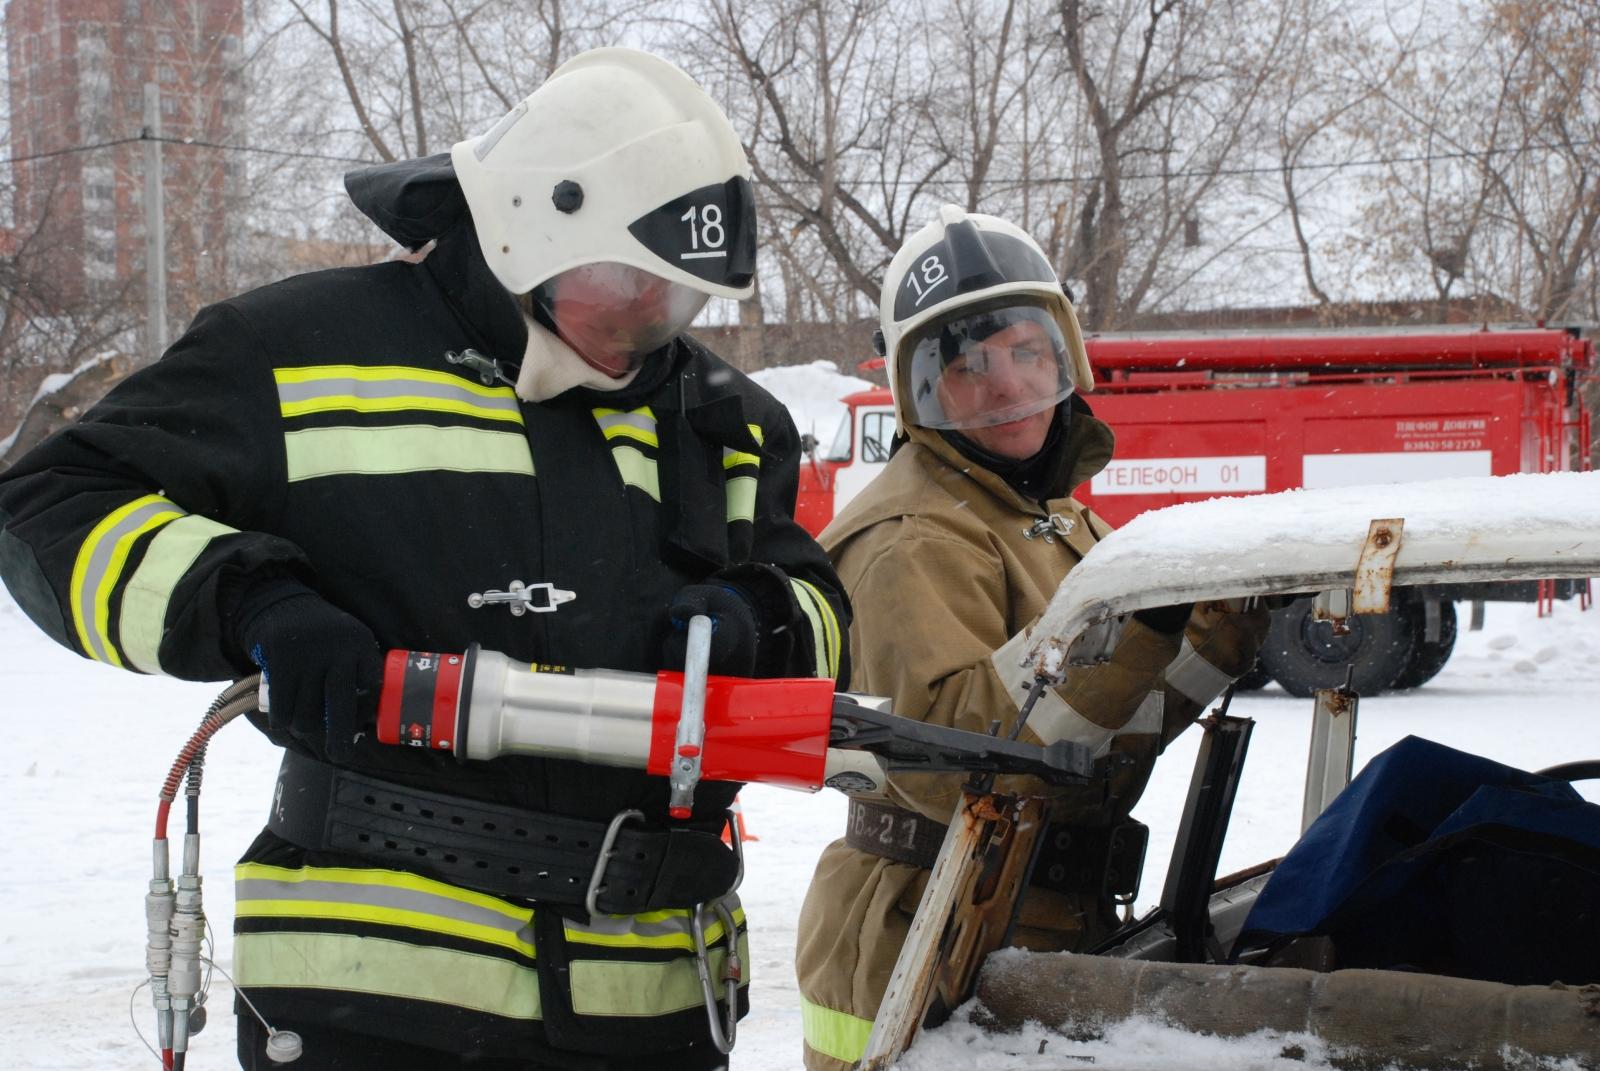 Соревнования по проведению аварийно-спасательных работ при ликвидации последствий дорожно-транспортных происшествий